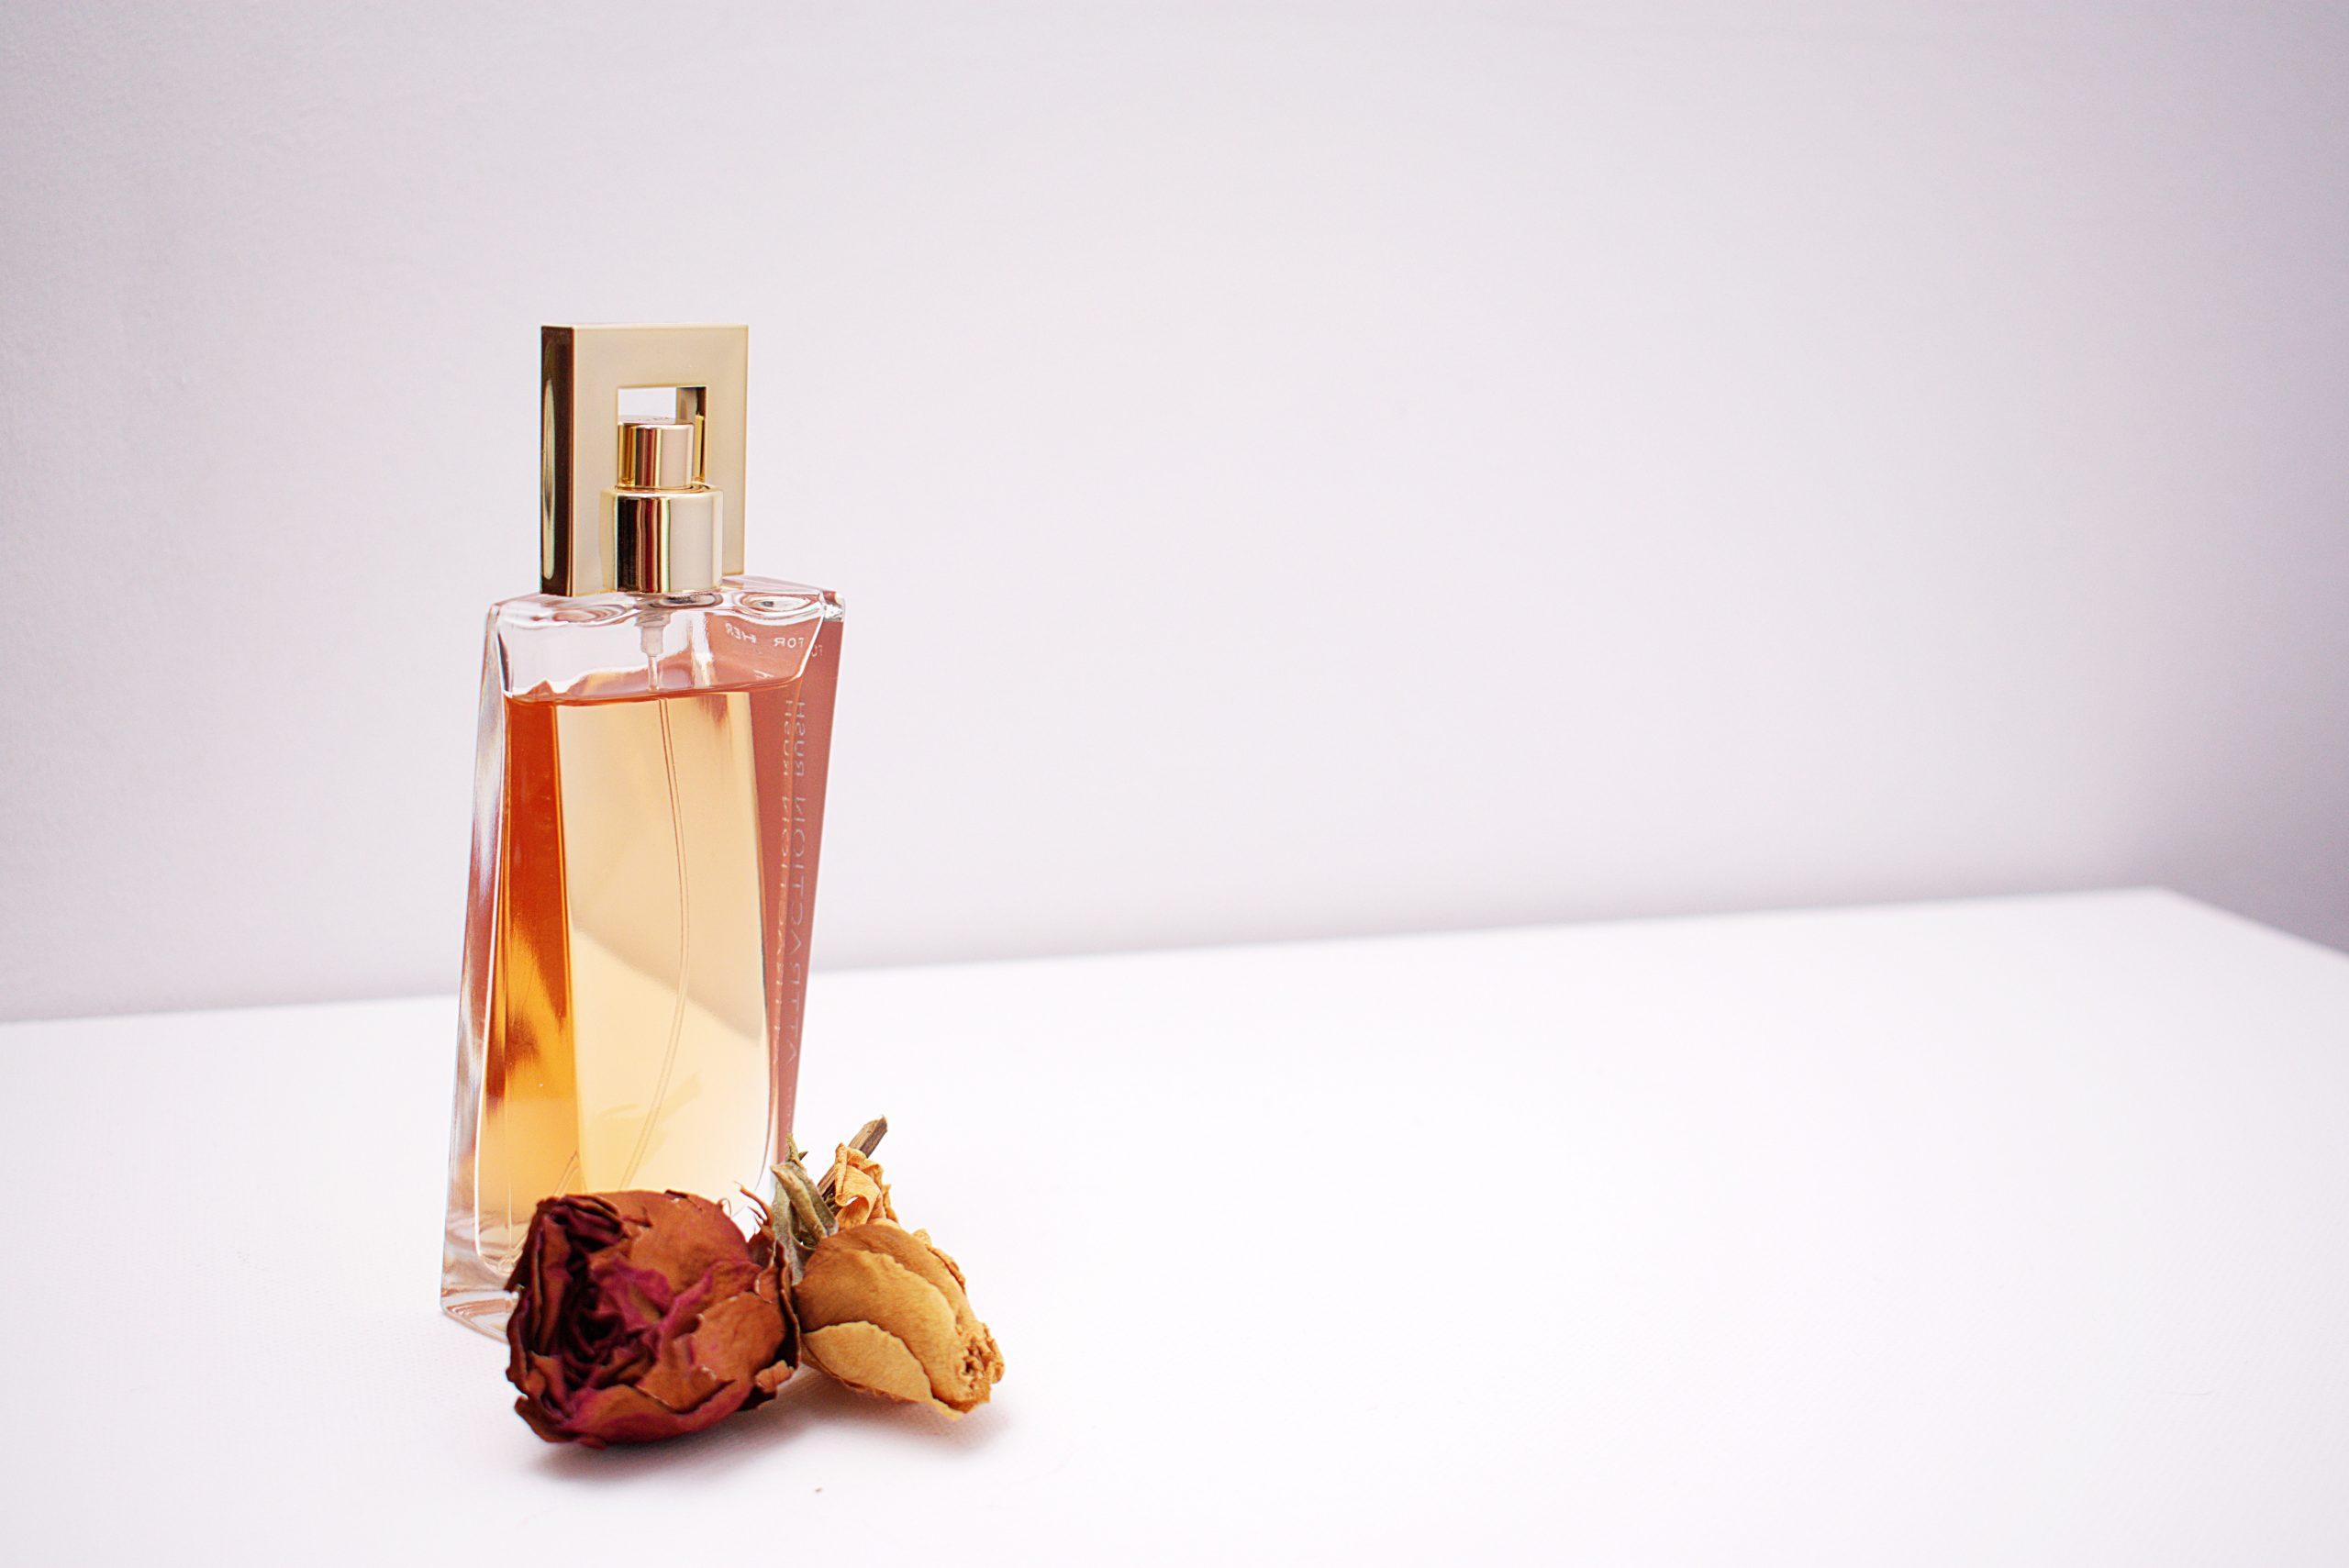 Foto de um vidro de colônia ou perfume, com duas pequenas rosas ao lado, em um local com fundo e superfície brancas.